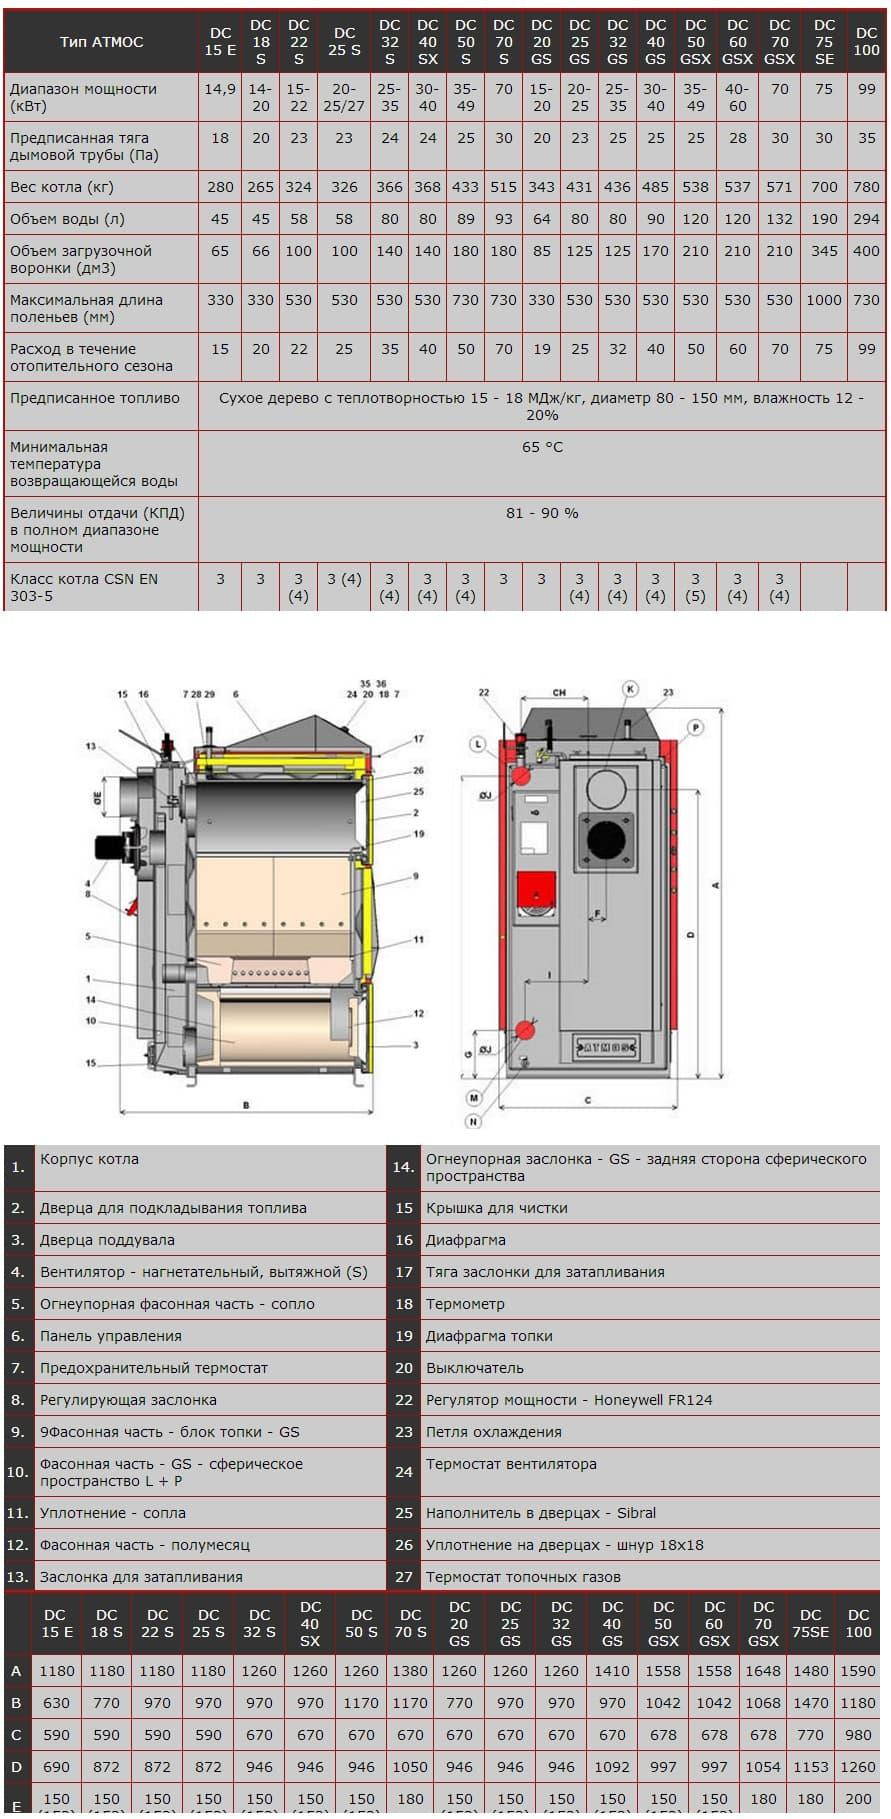 картинка - технические характеристики: Котел твердотопливный Atmos DC 32 S